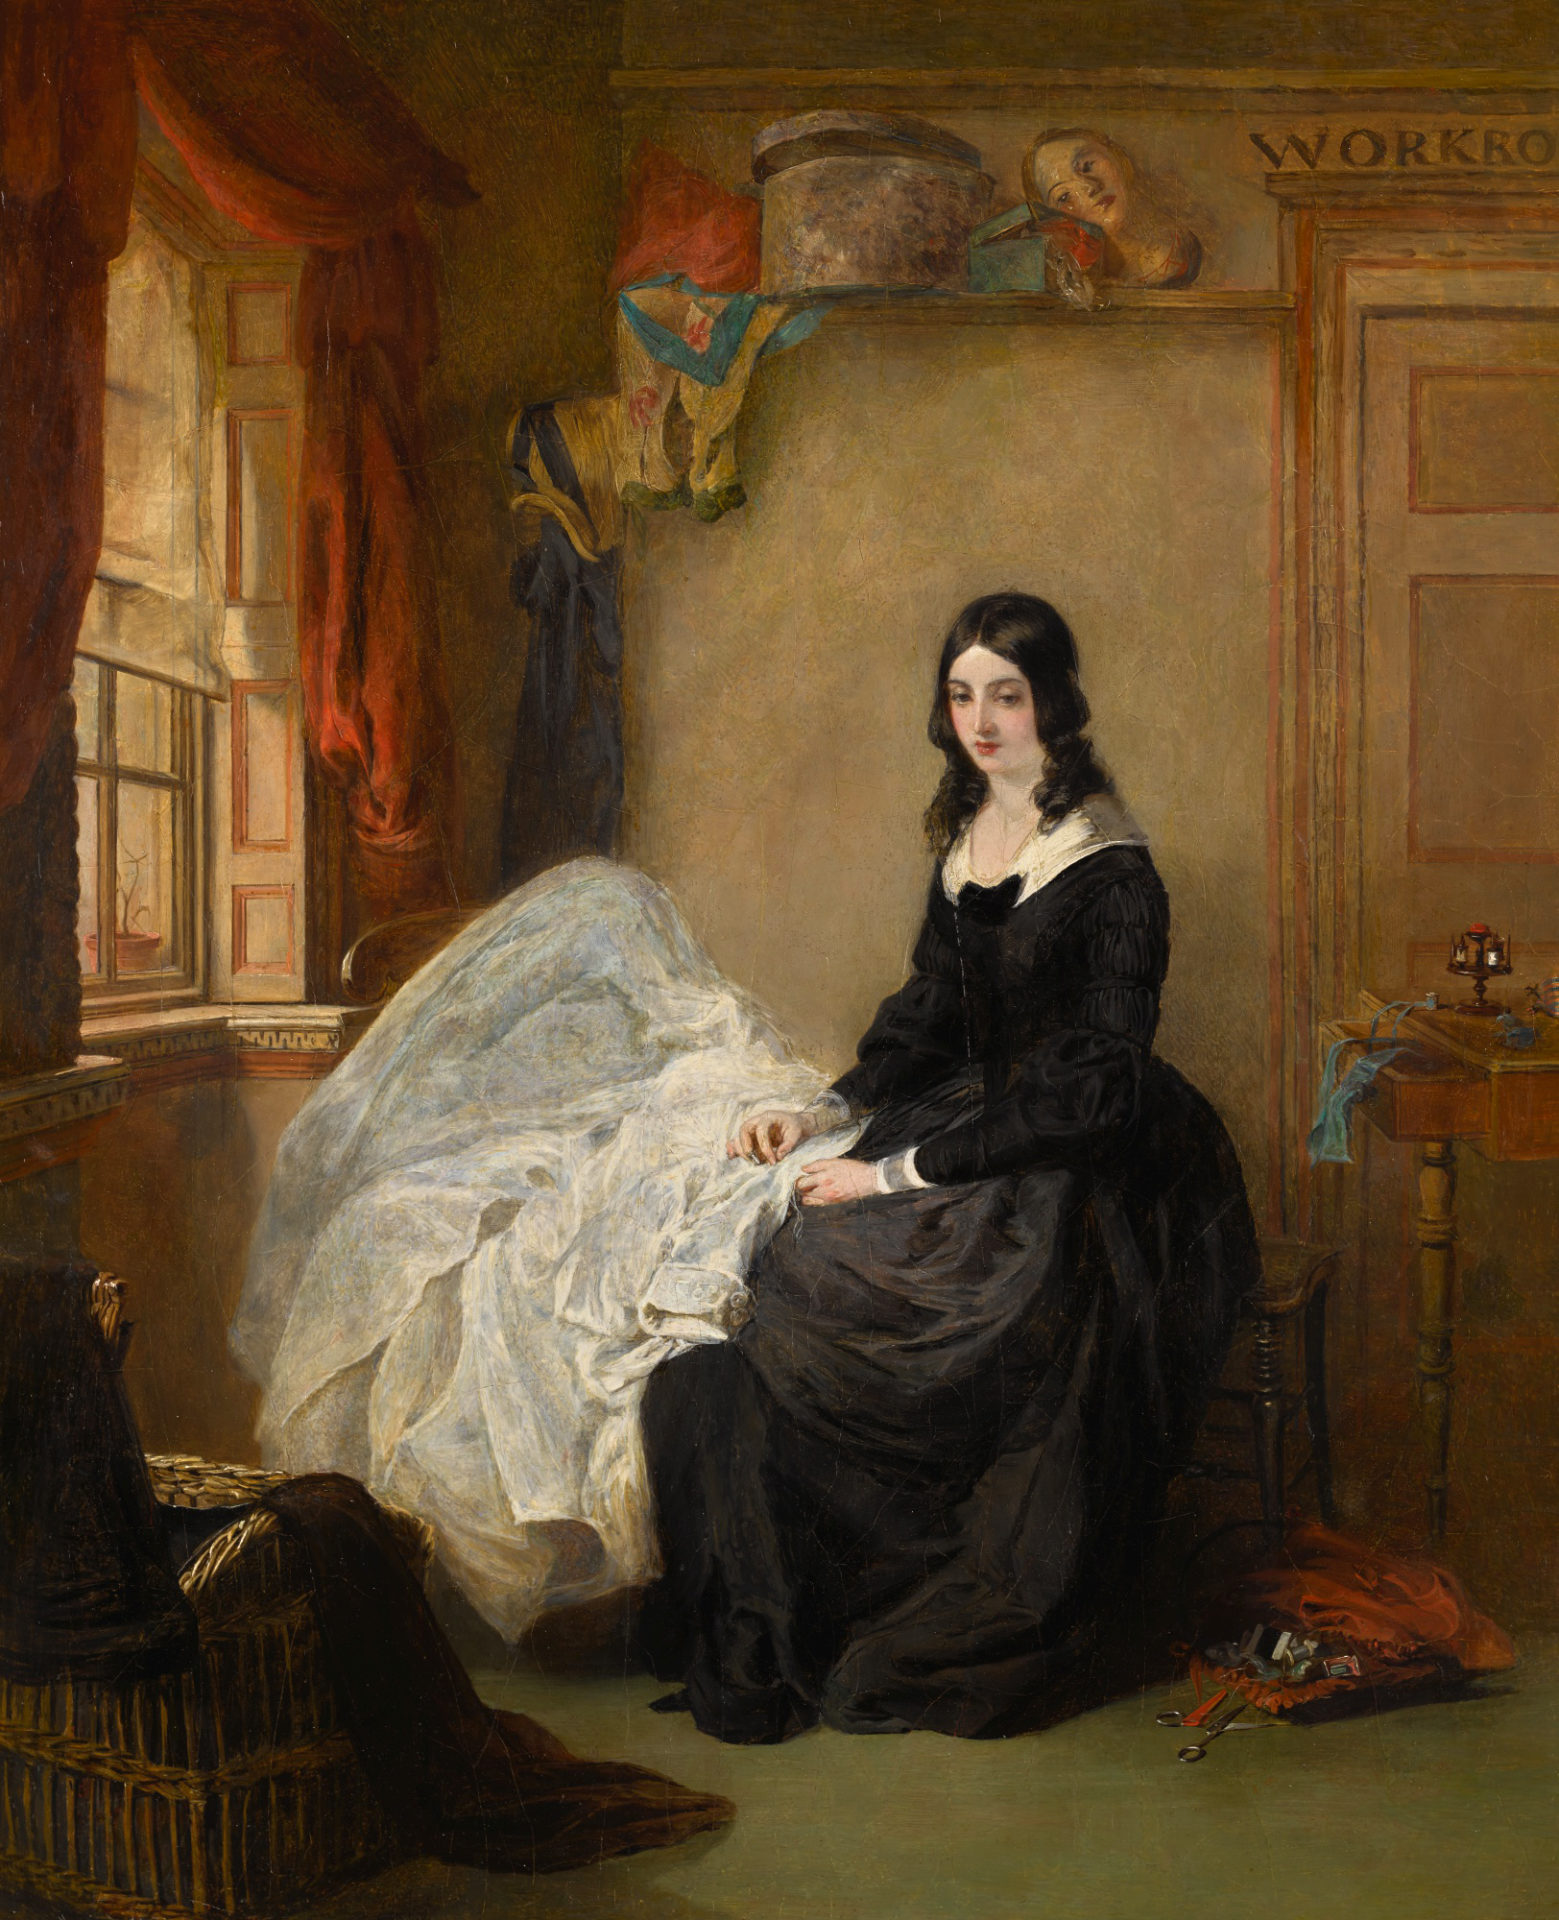 Kate Nickleby uit Nicholas Nickleby door Dickens